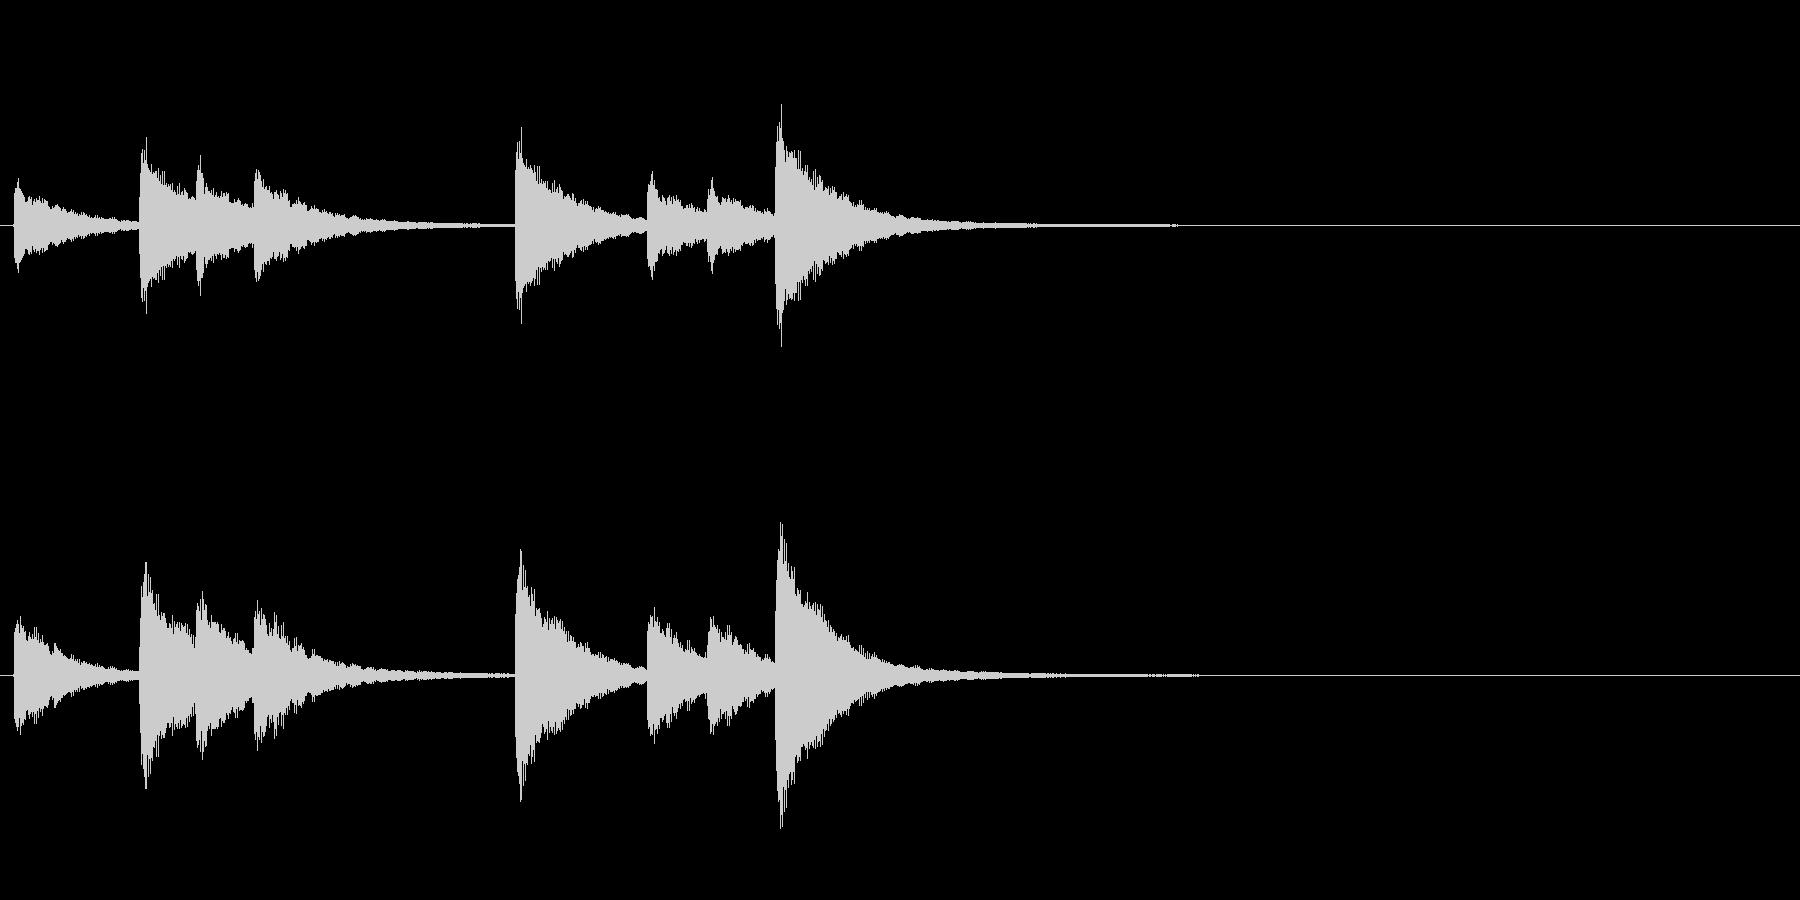 歌舞伎の吊るし鉦 双盤のフレーズ音の未再生の波形